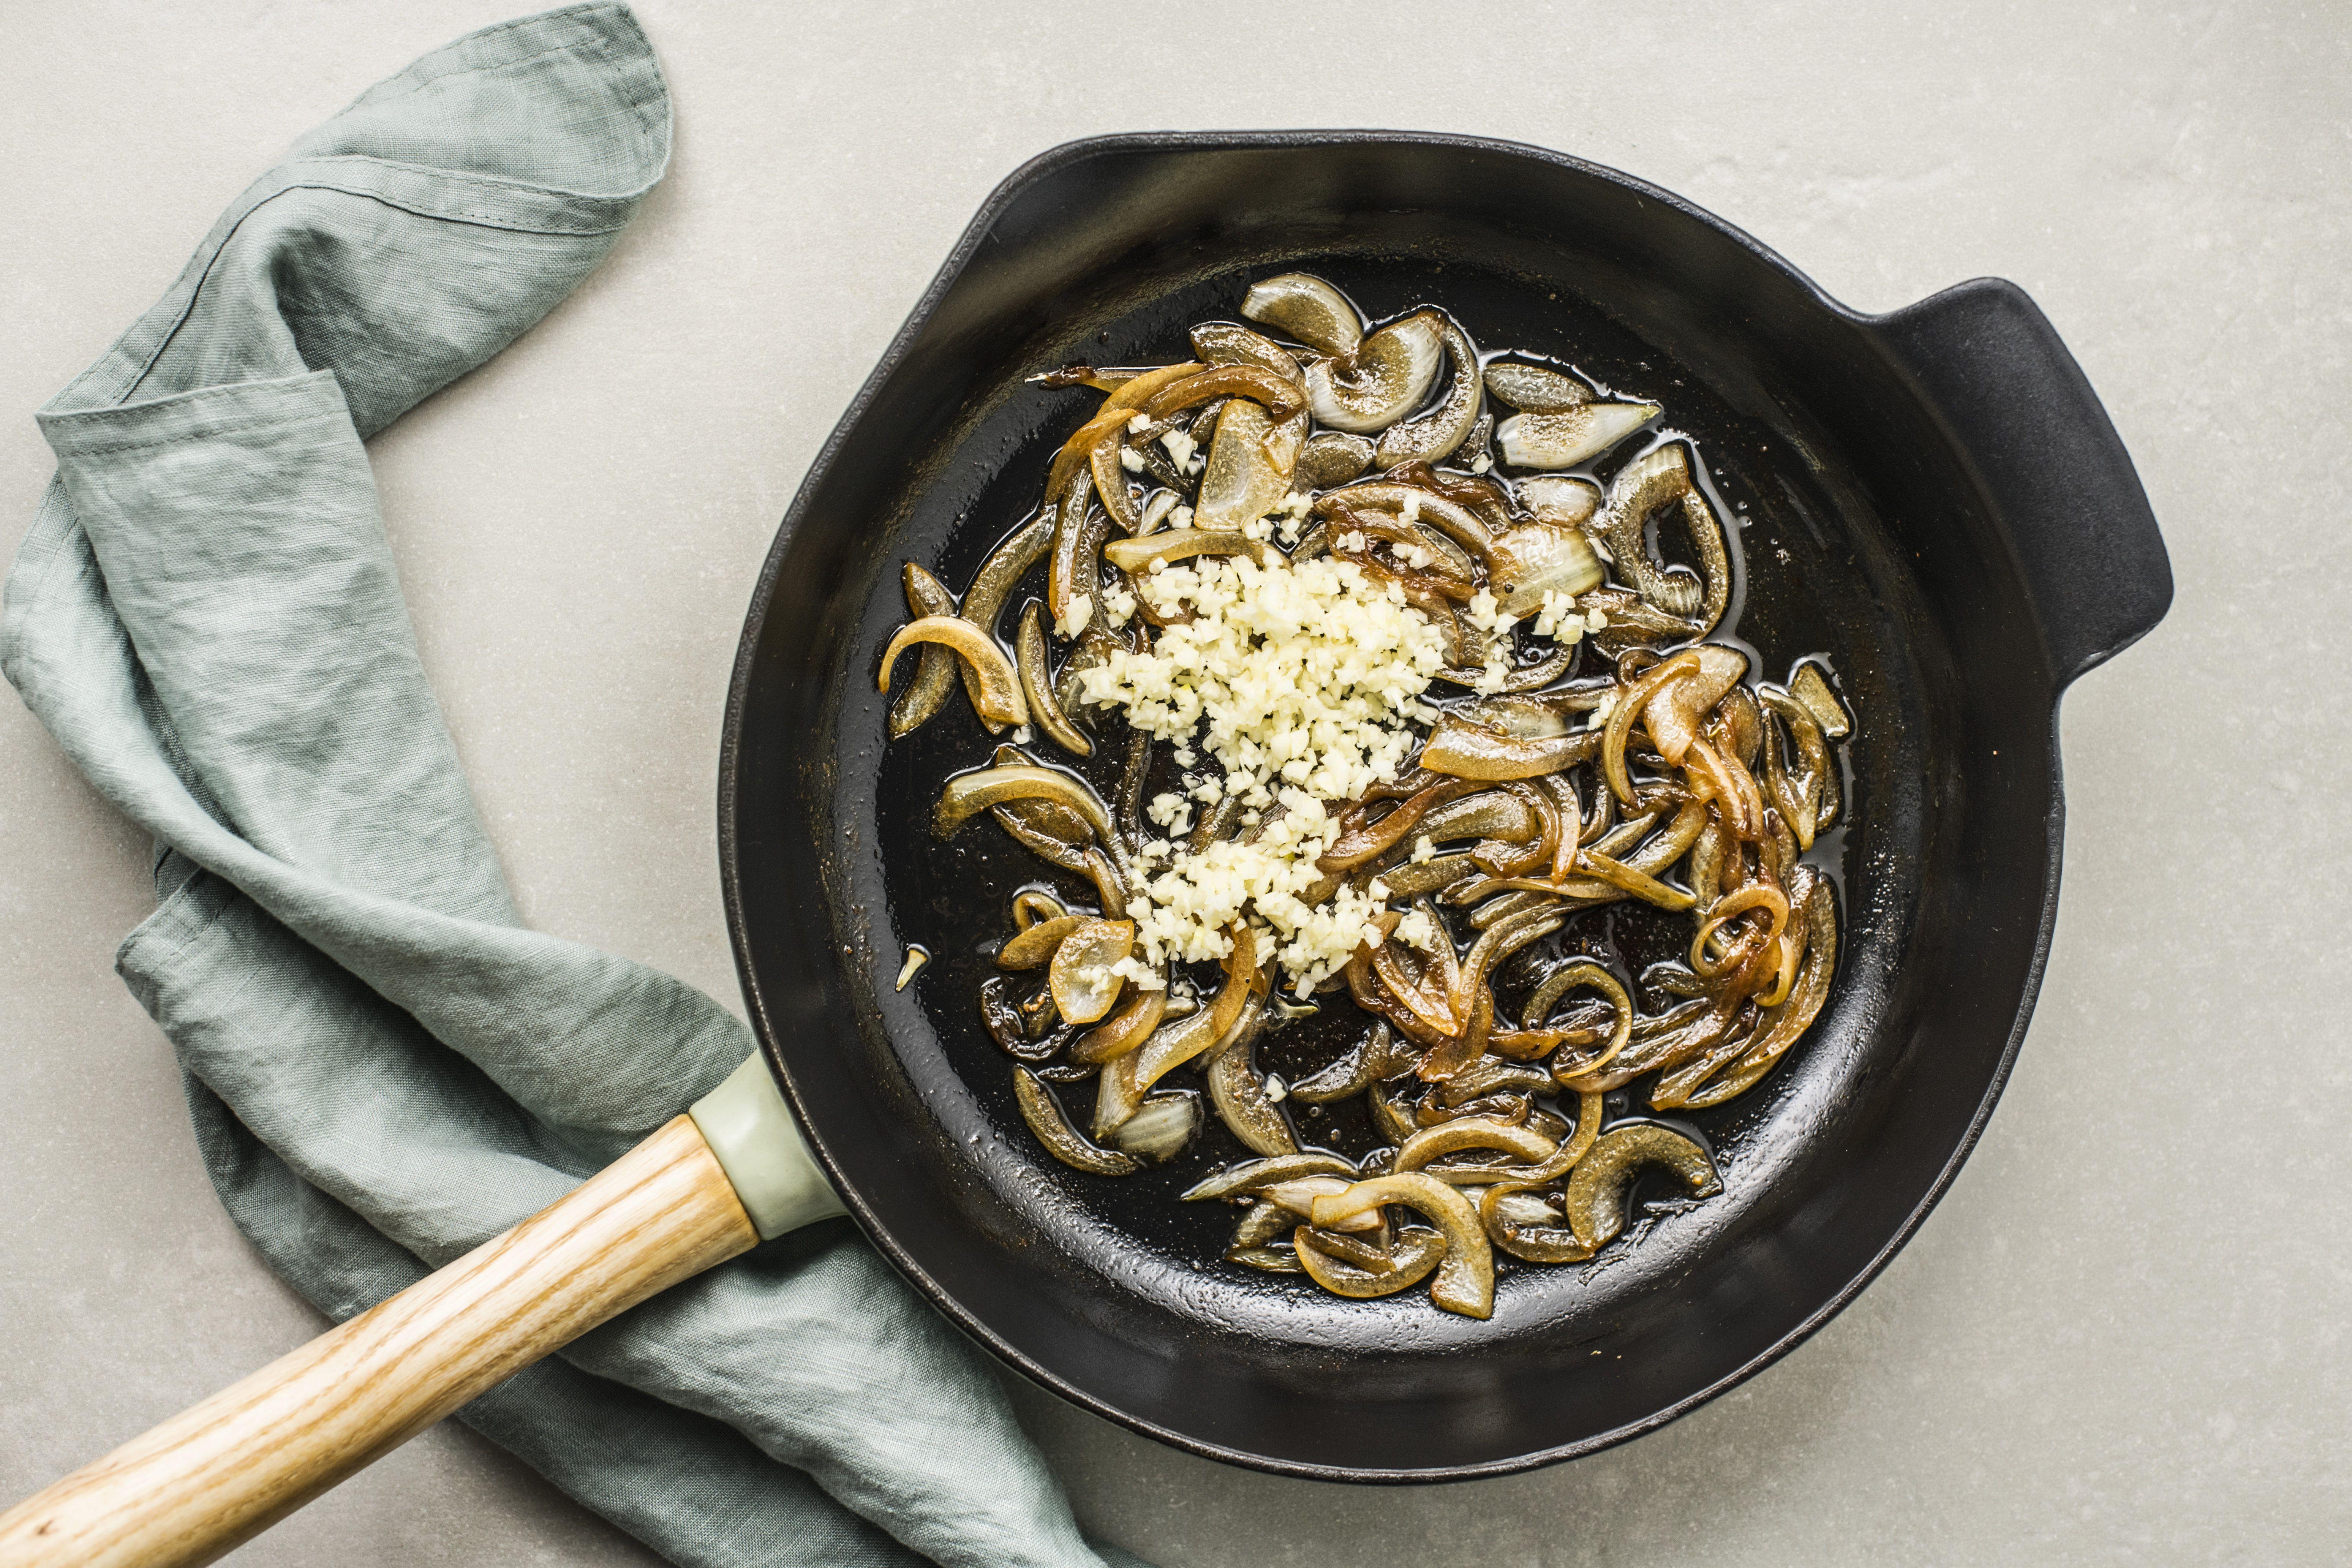 Stir in garlic